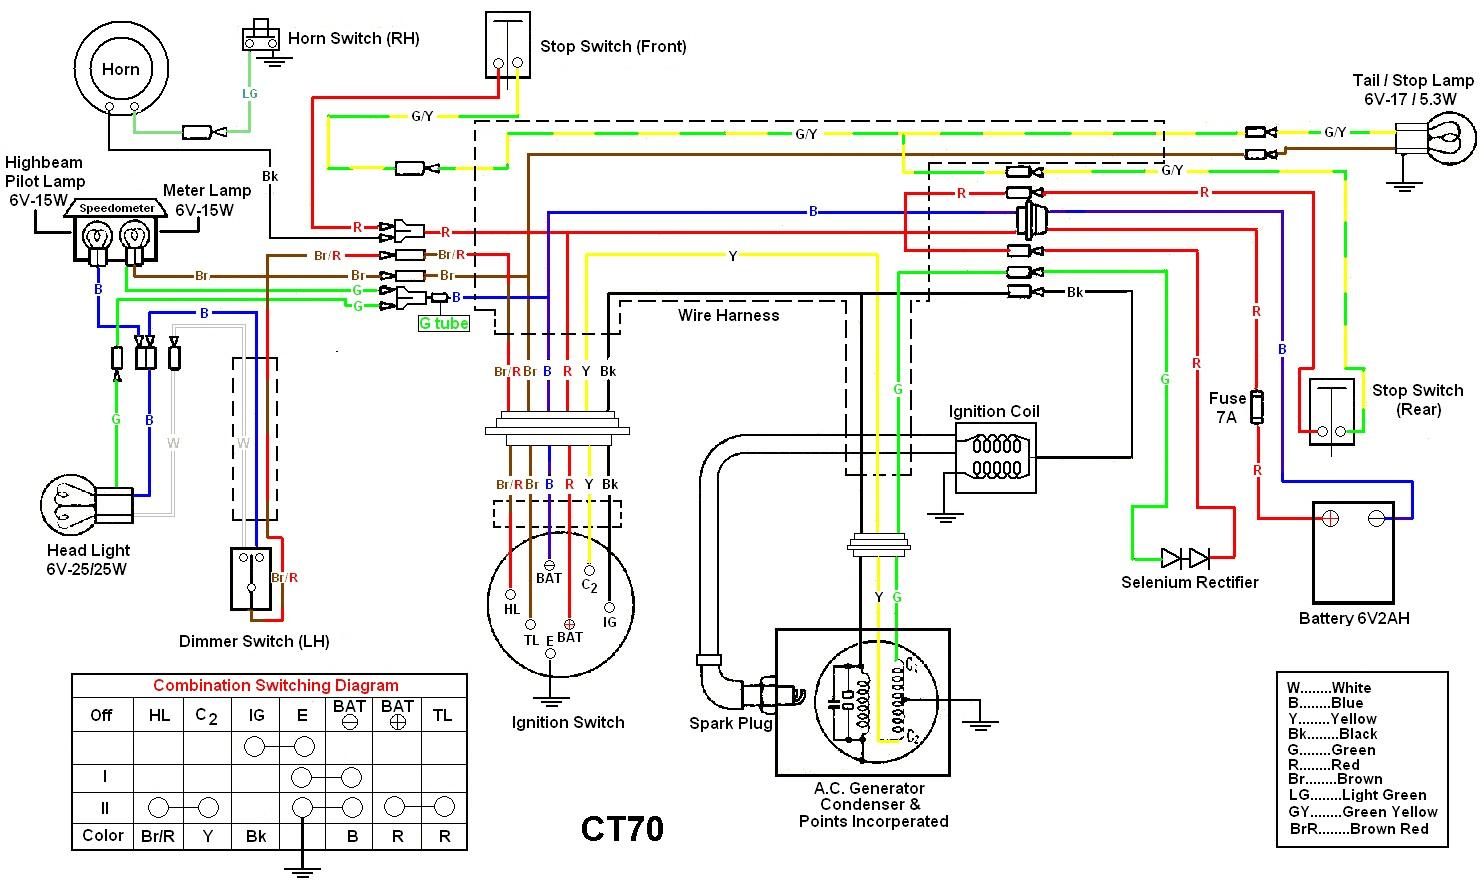 Diagram Honda St90 Wiring Diagram Full Version Hd Quality Wiring Diagram Aidiagram Umncv It